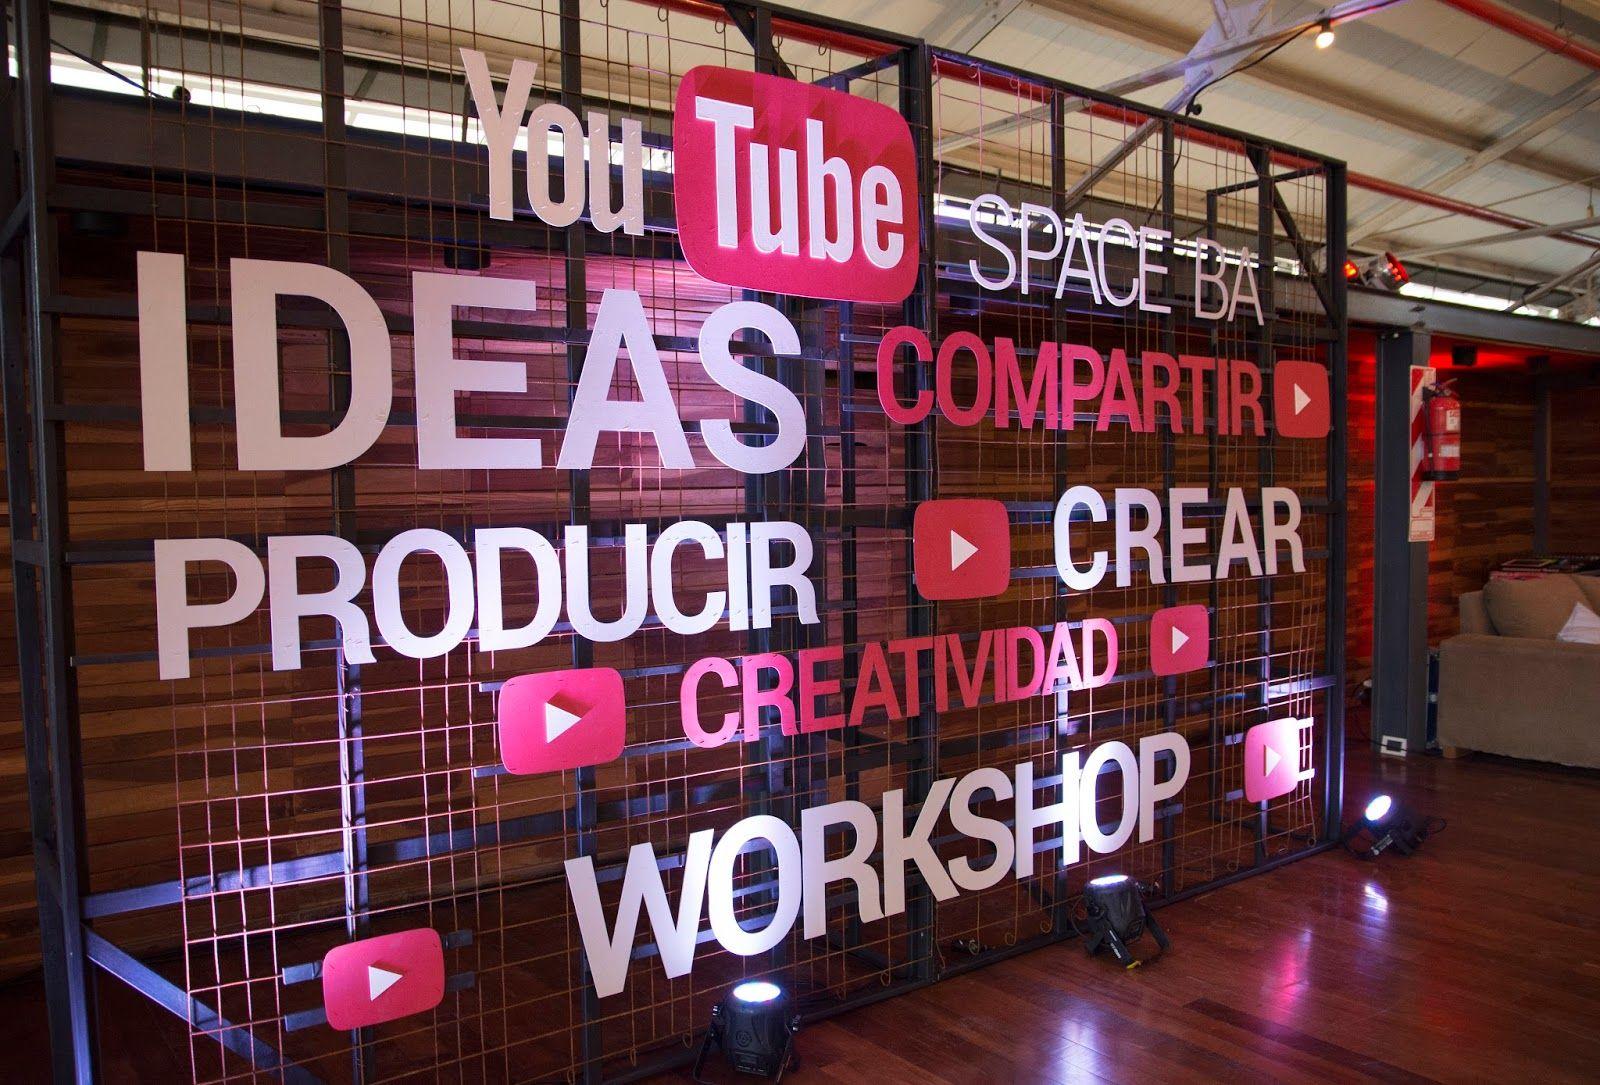 Argentina se prepara para recibir otra vez al YouTube Pop-Up Space